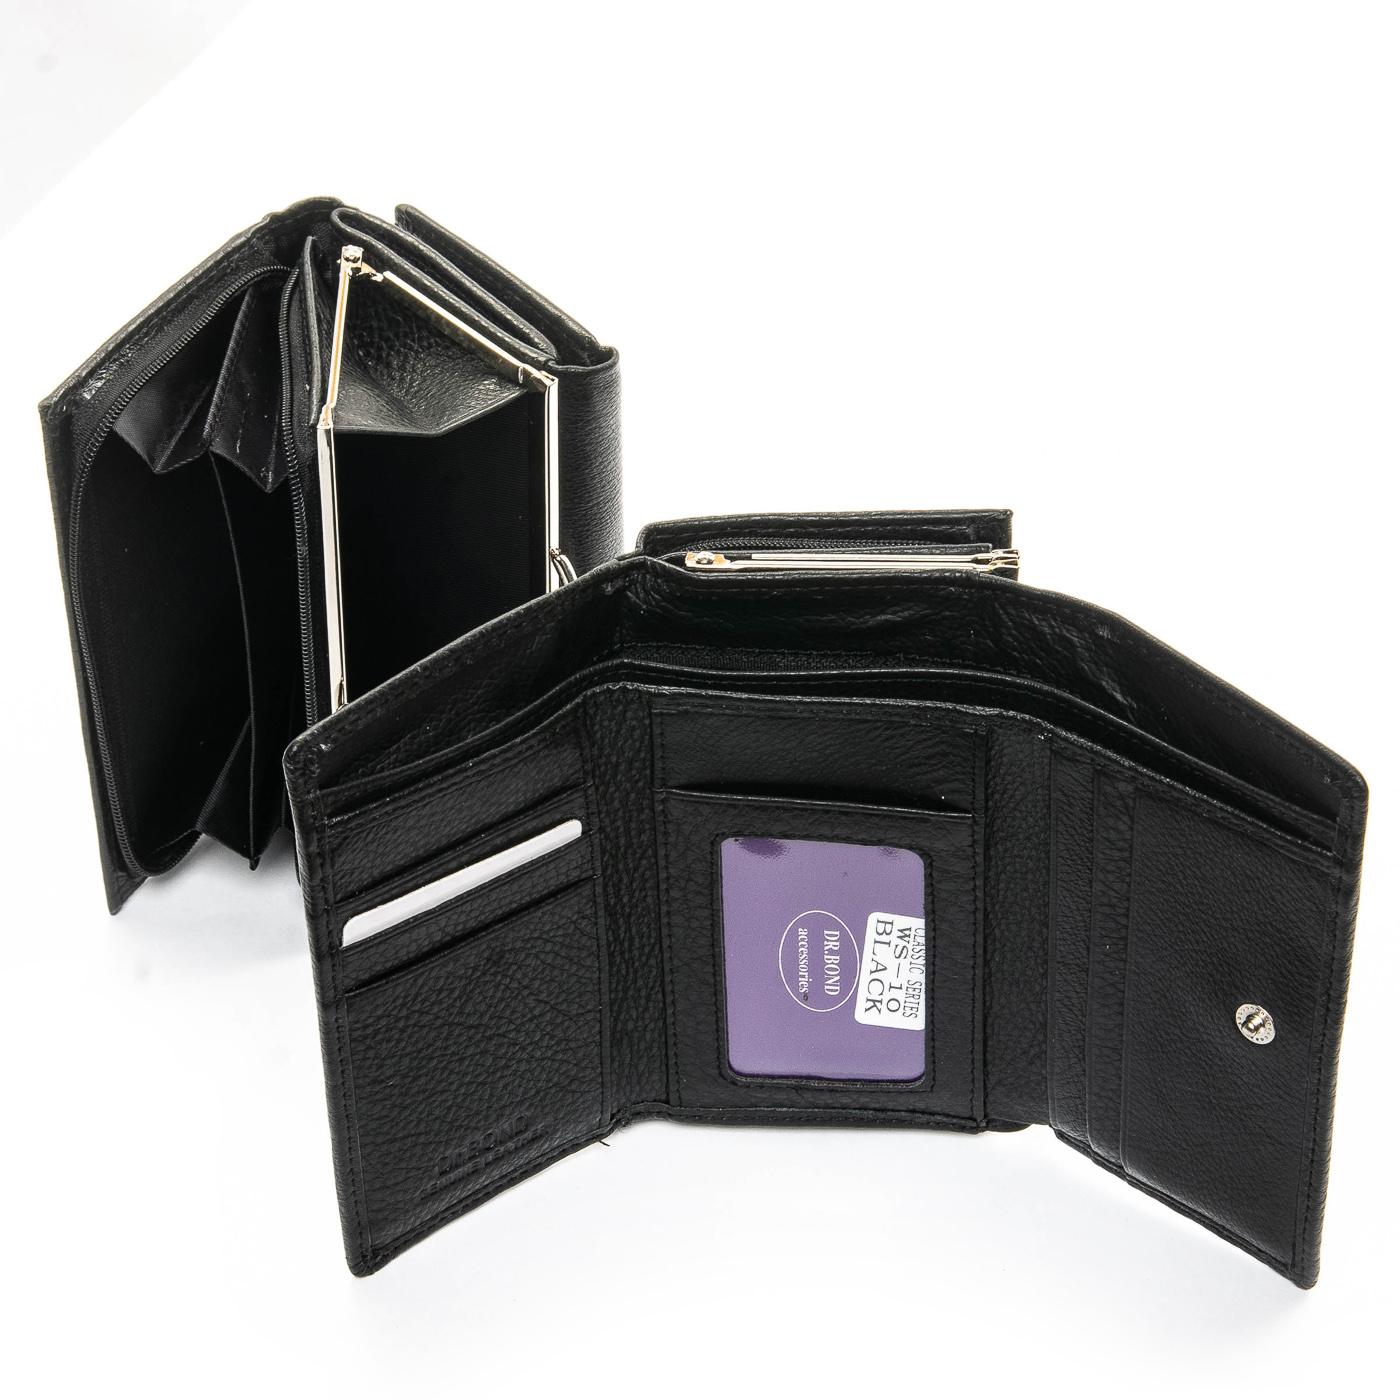 Кошелек Classic кожа DR. BOND WS-10 black - фото 4